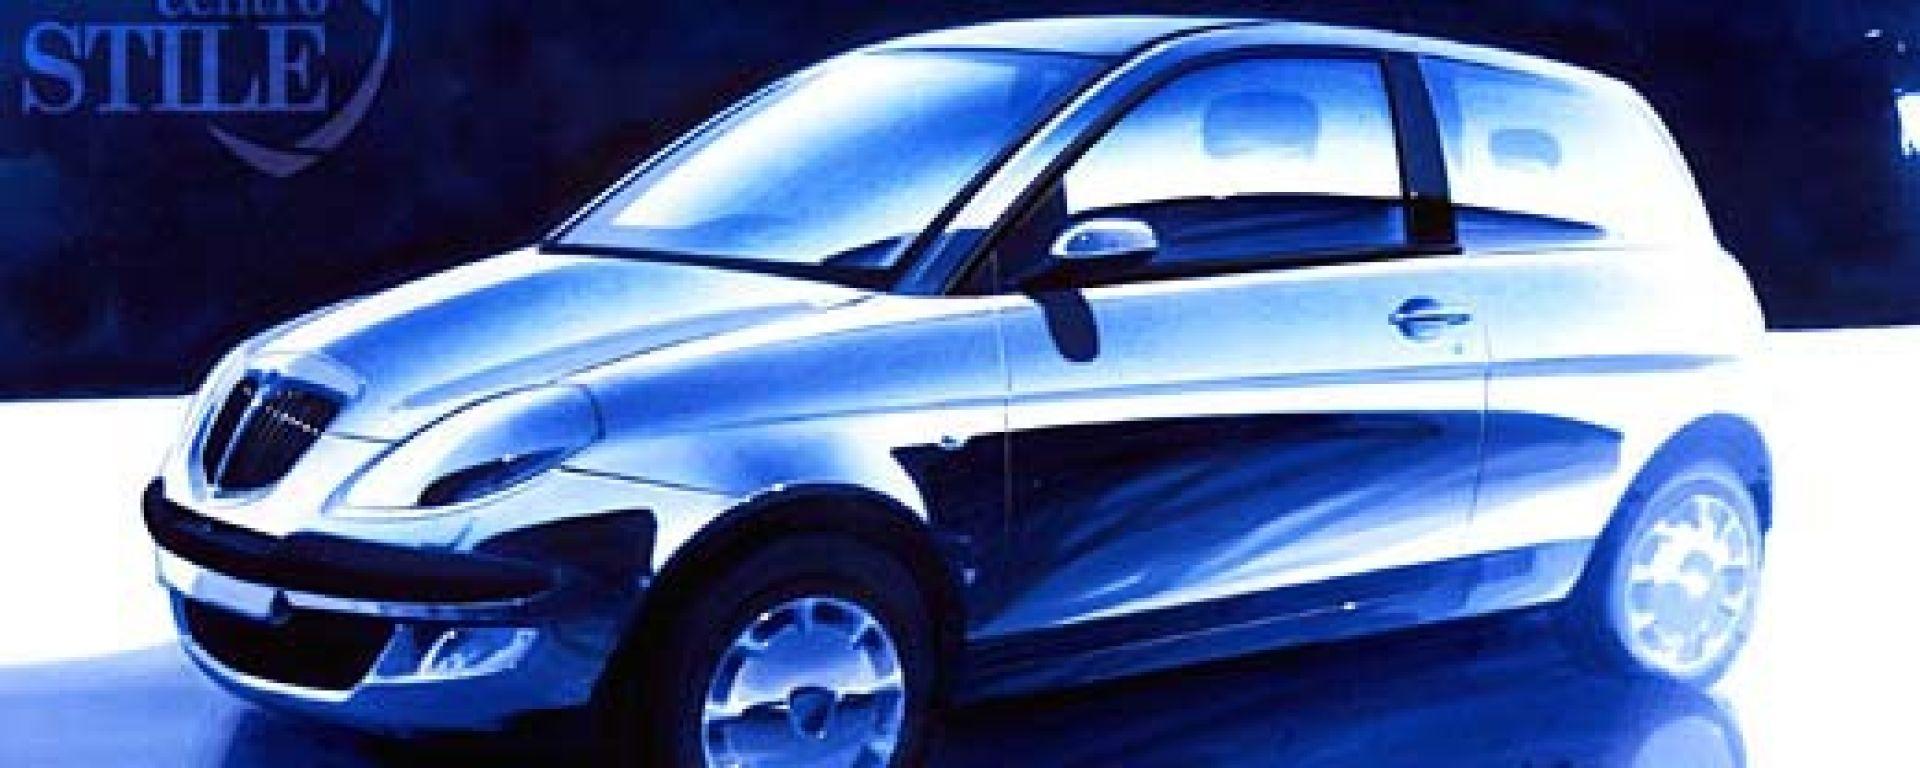 Anteprima:Lancia Ypsilon